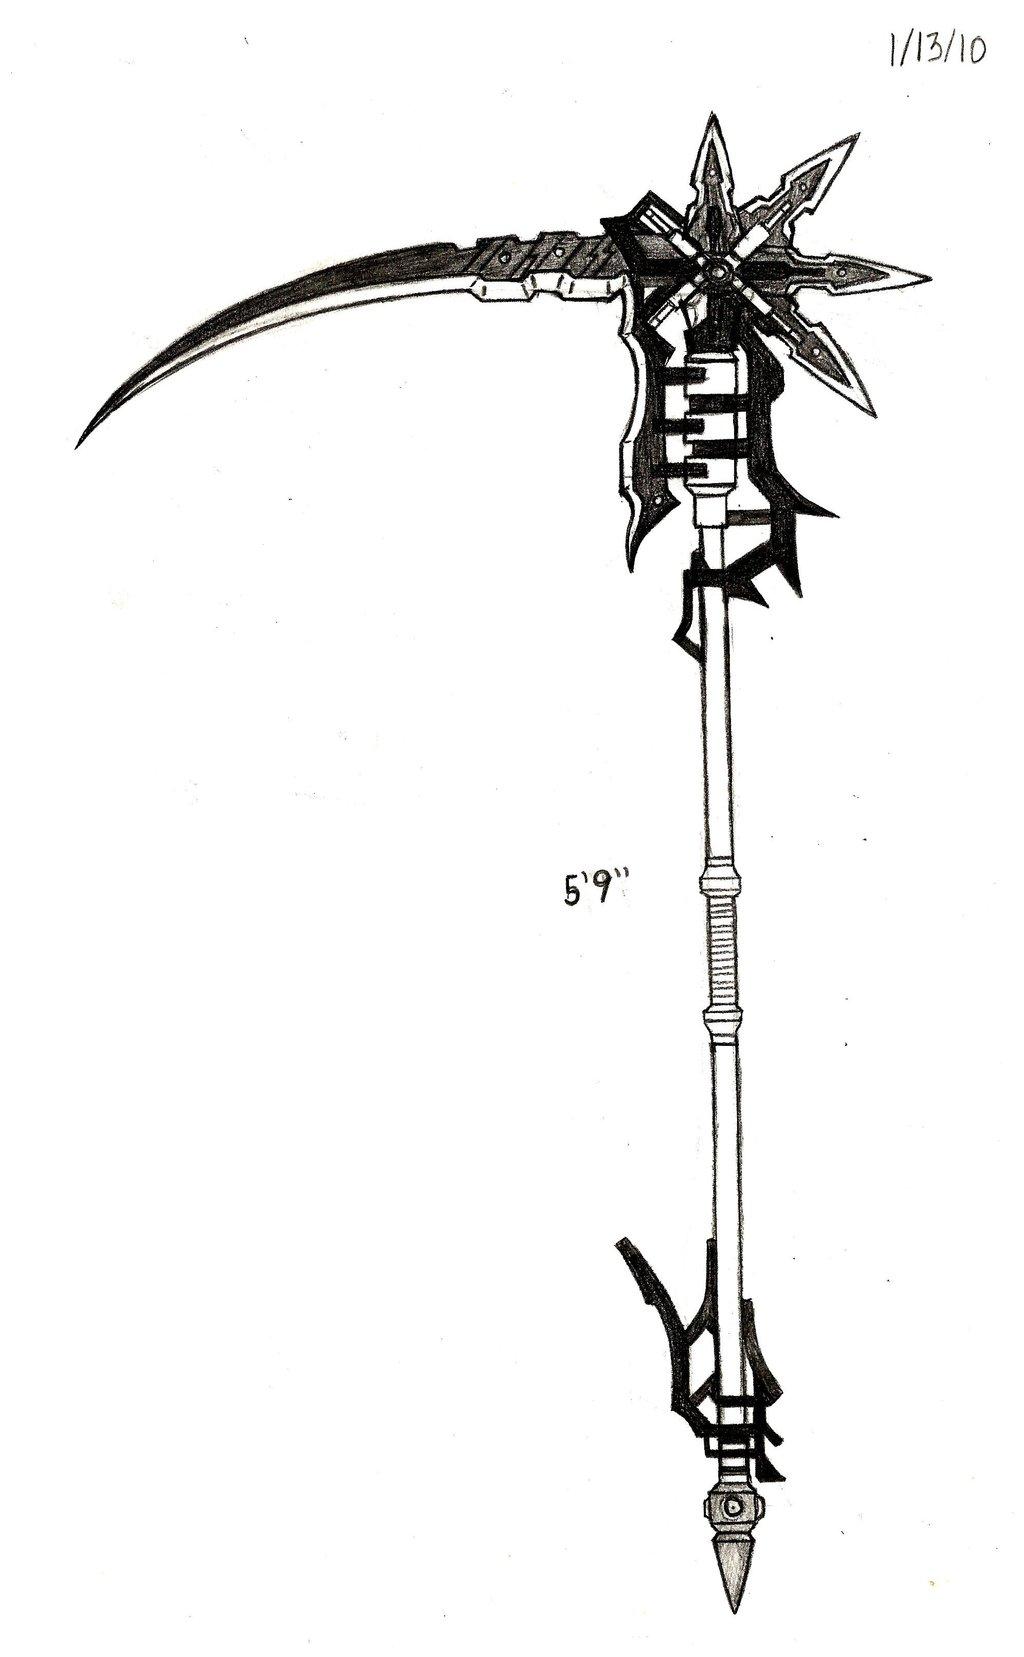 Drawn scythe badass By Design/Part Design/Part Schatten's (Early